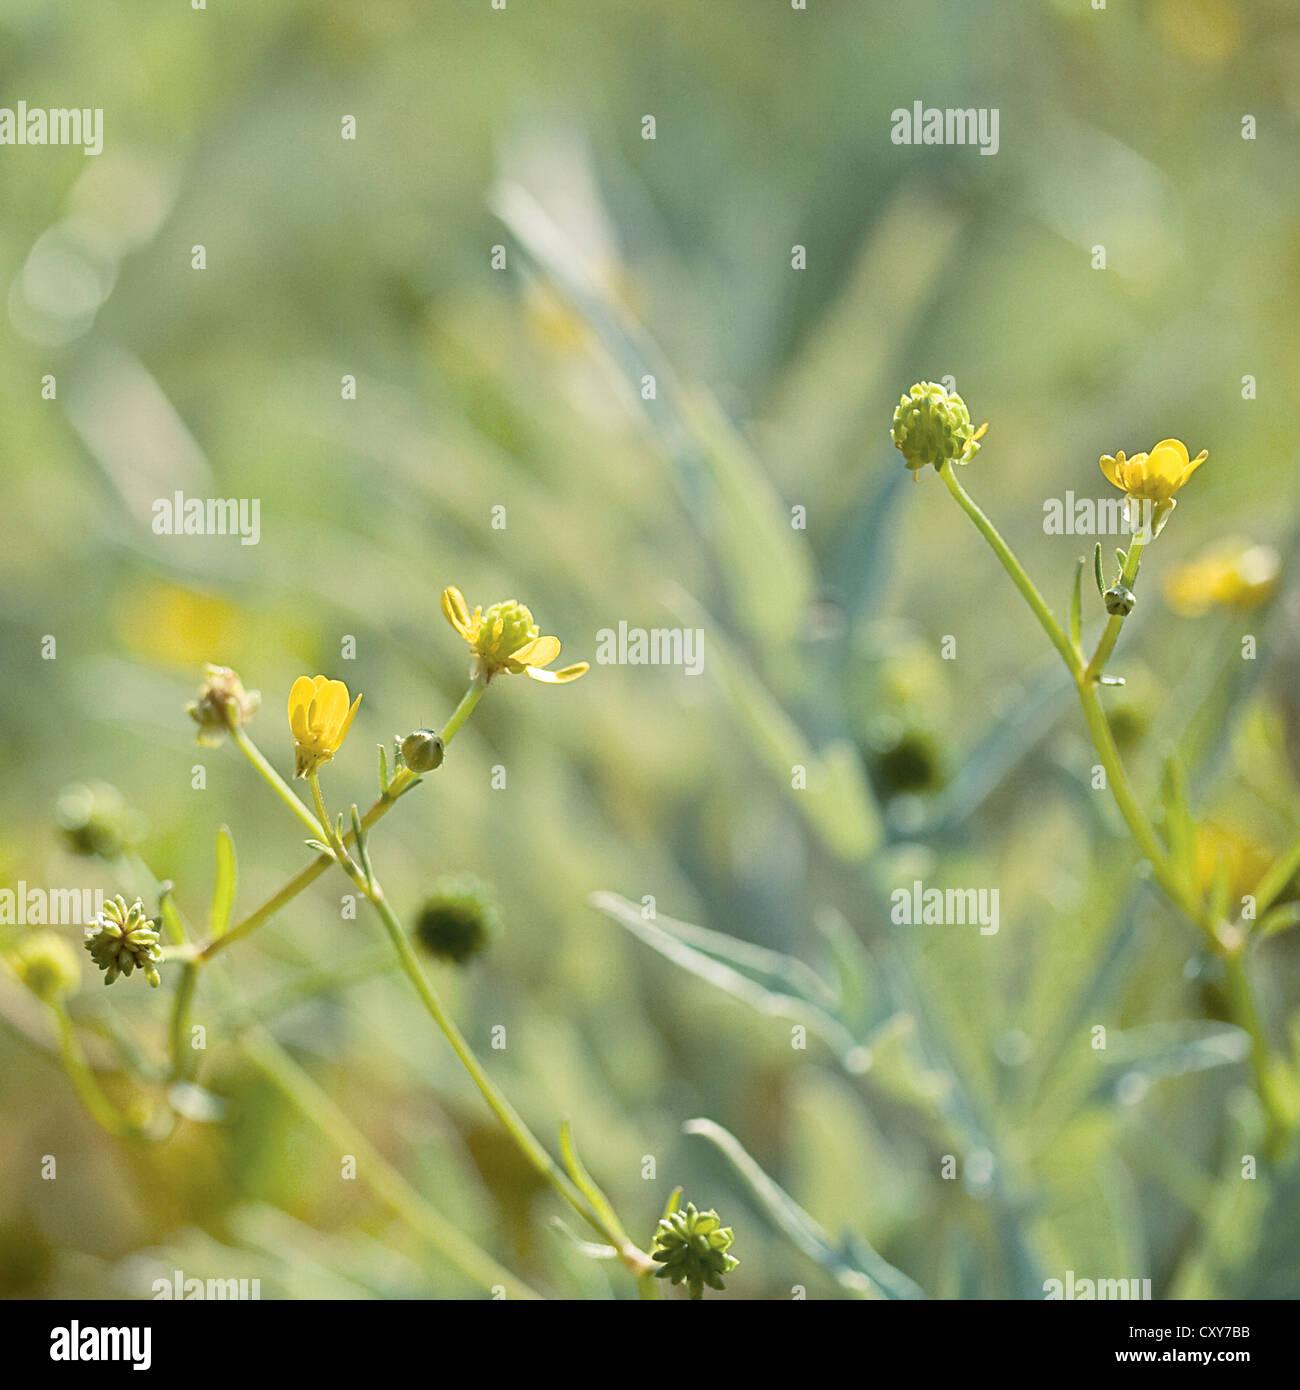 Poco verde e giallo le piante con un bokeh sfondo. Immagini Stock